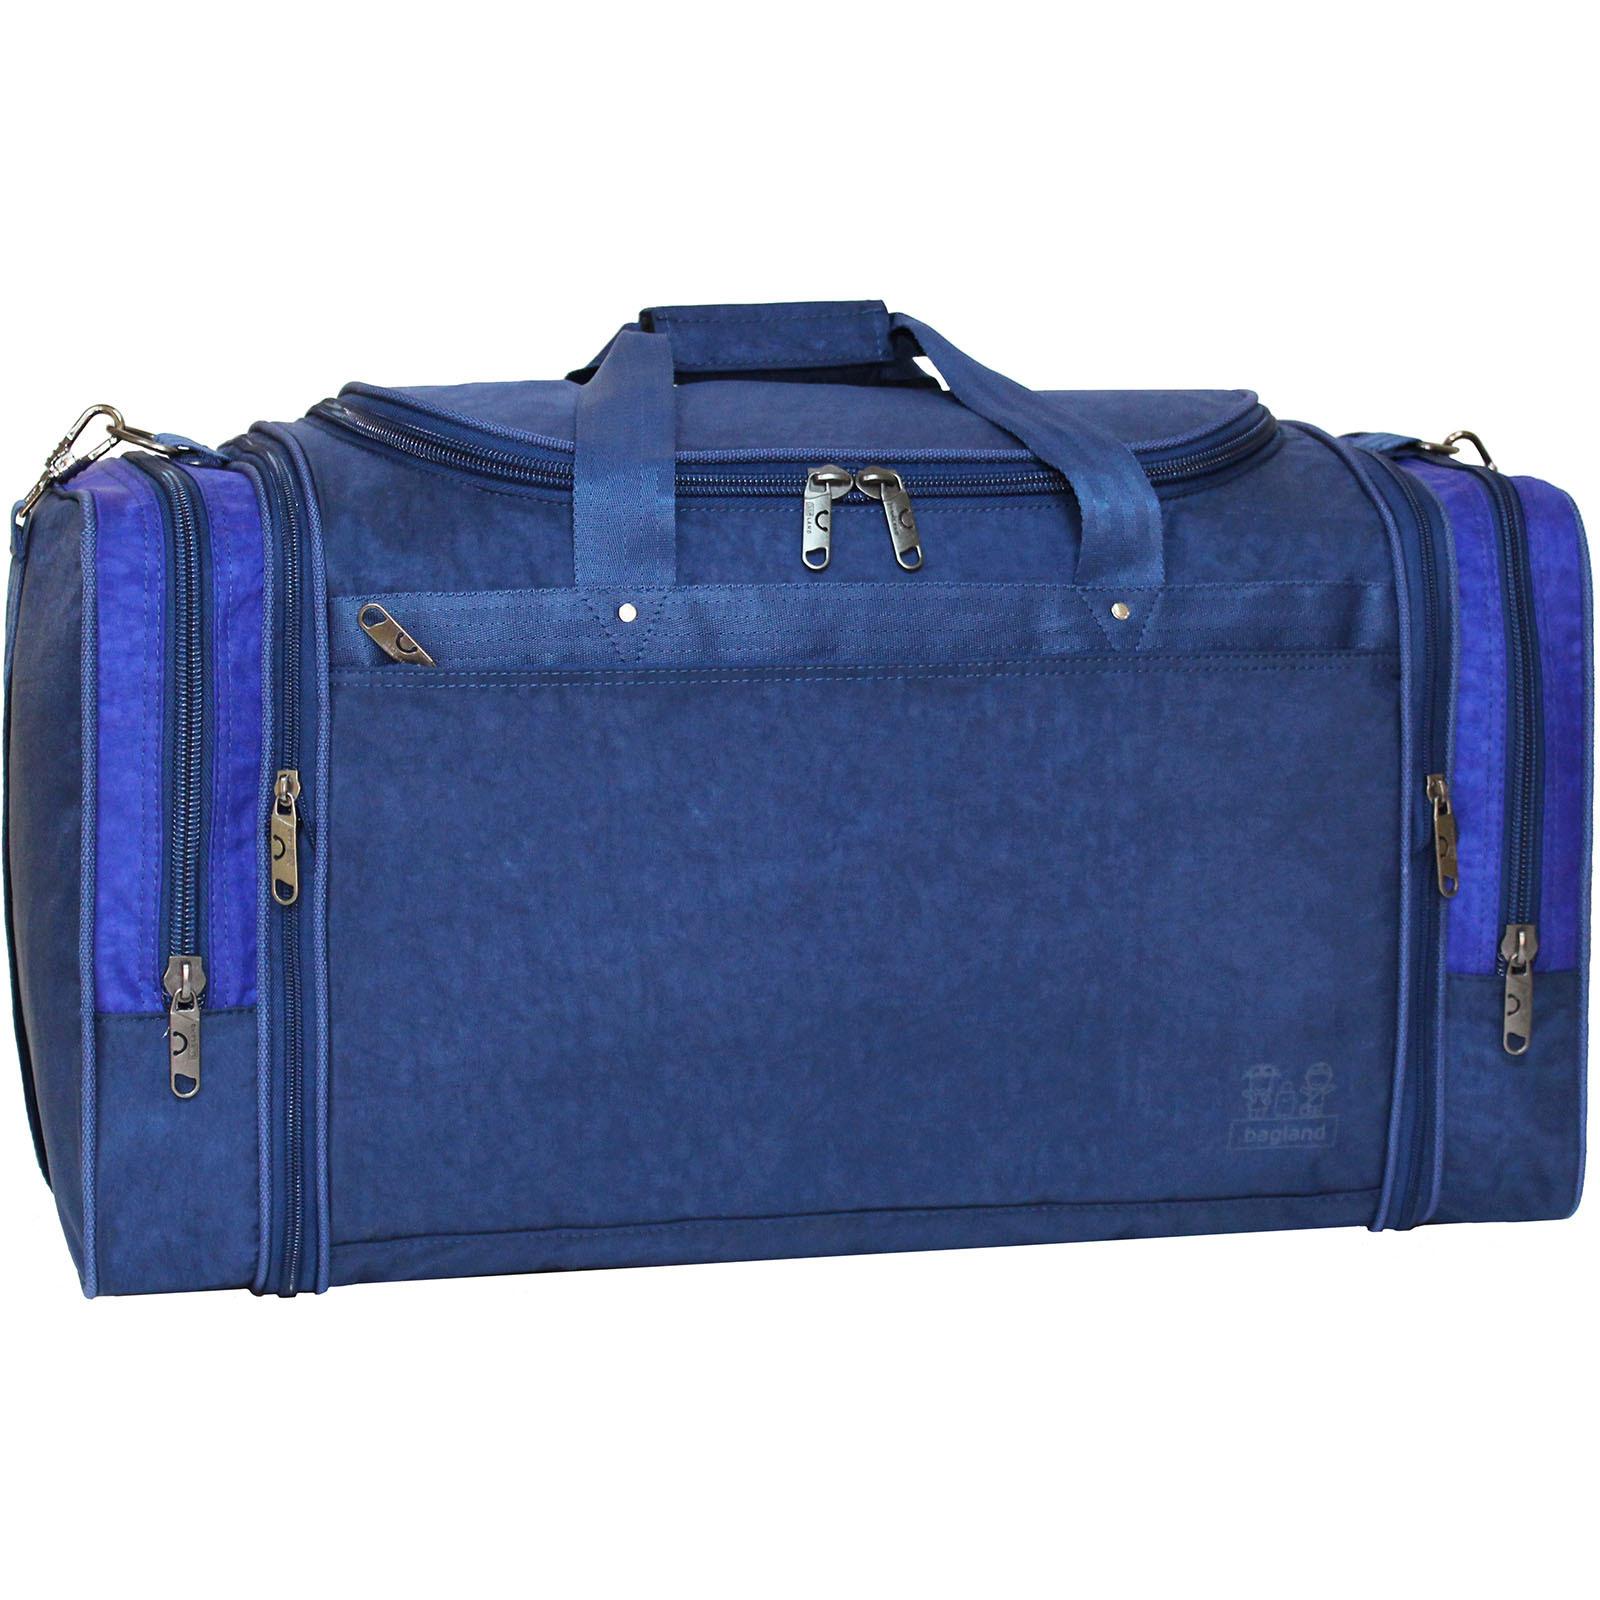 Дорожные сумки Спортивная сумка Bagland Мюнхен 59 л. Синий/электрик (0032570) IMG_1297_32570_.JPG